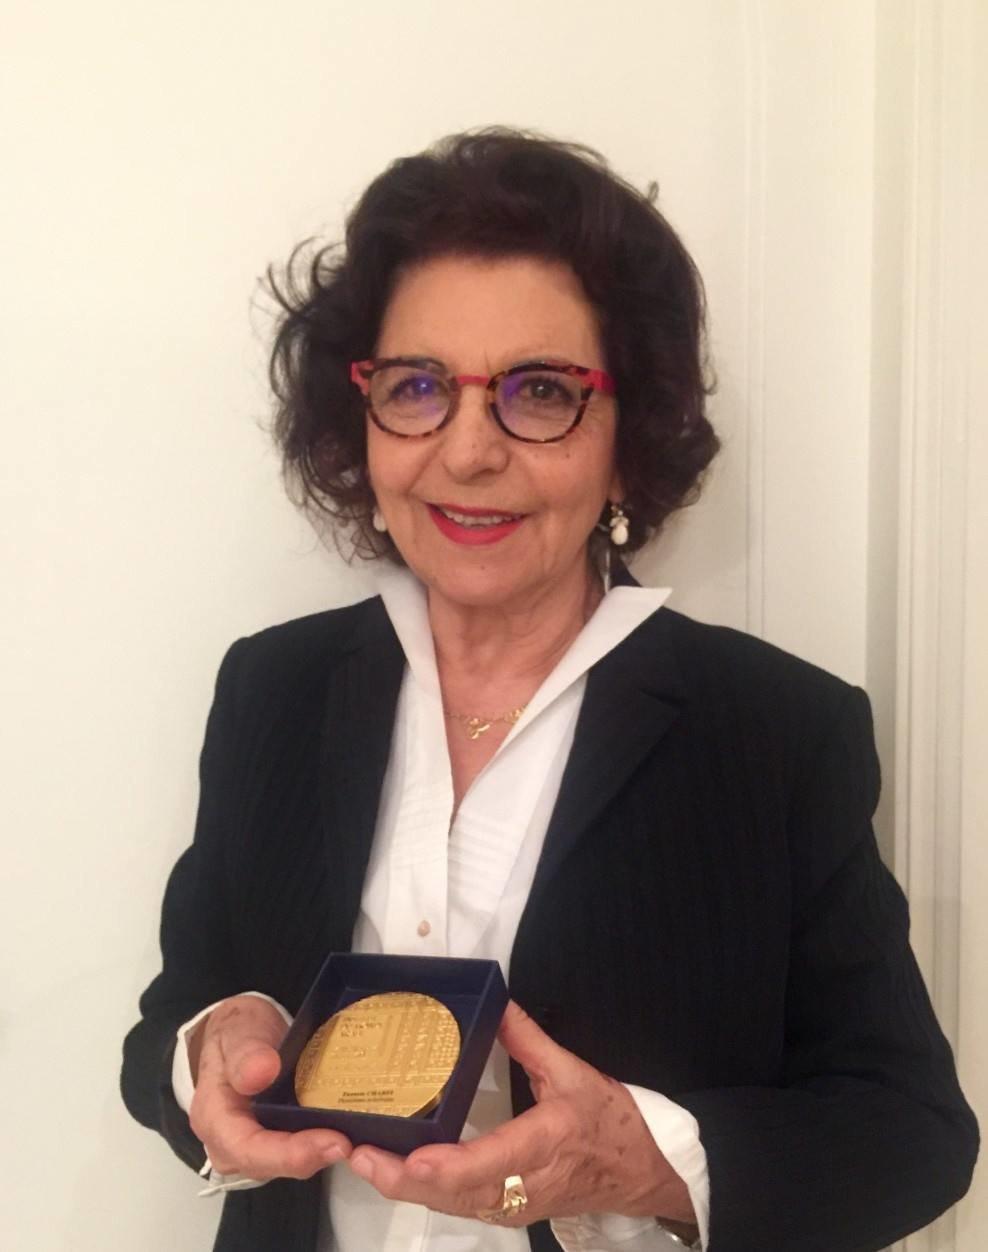 L'universitaire et intellectuelle tunisienne Faouzia Charfi honorée à l'IMA, à